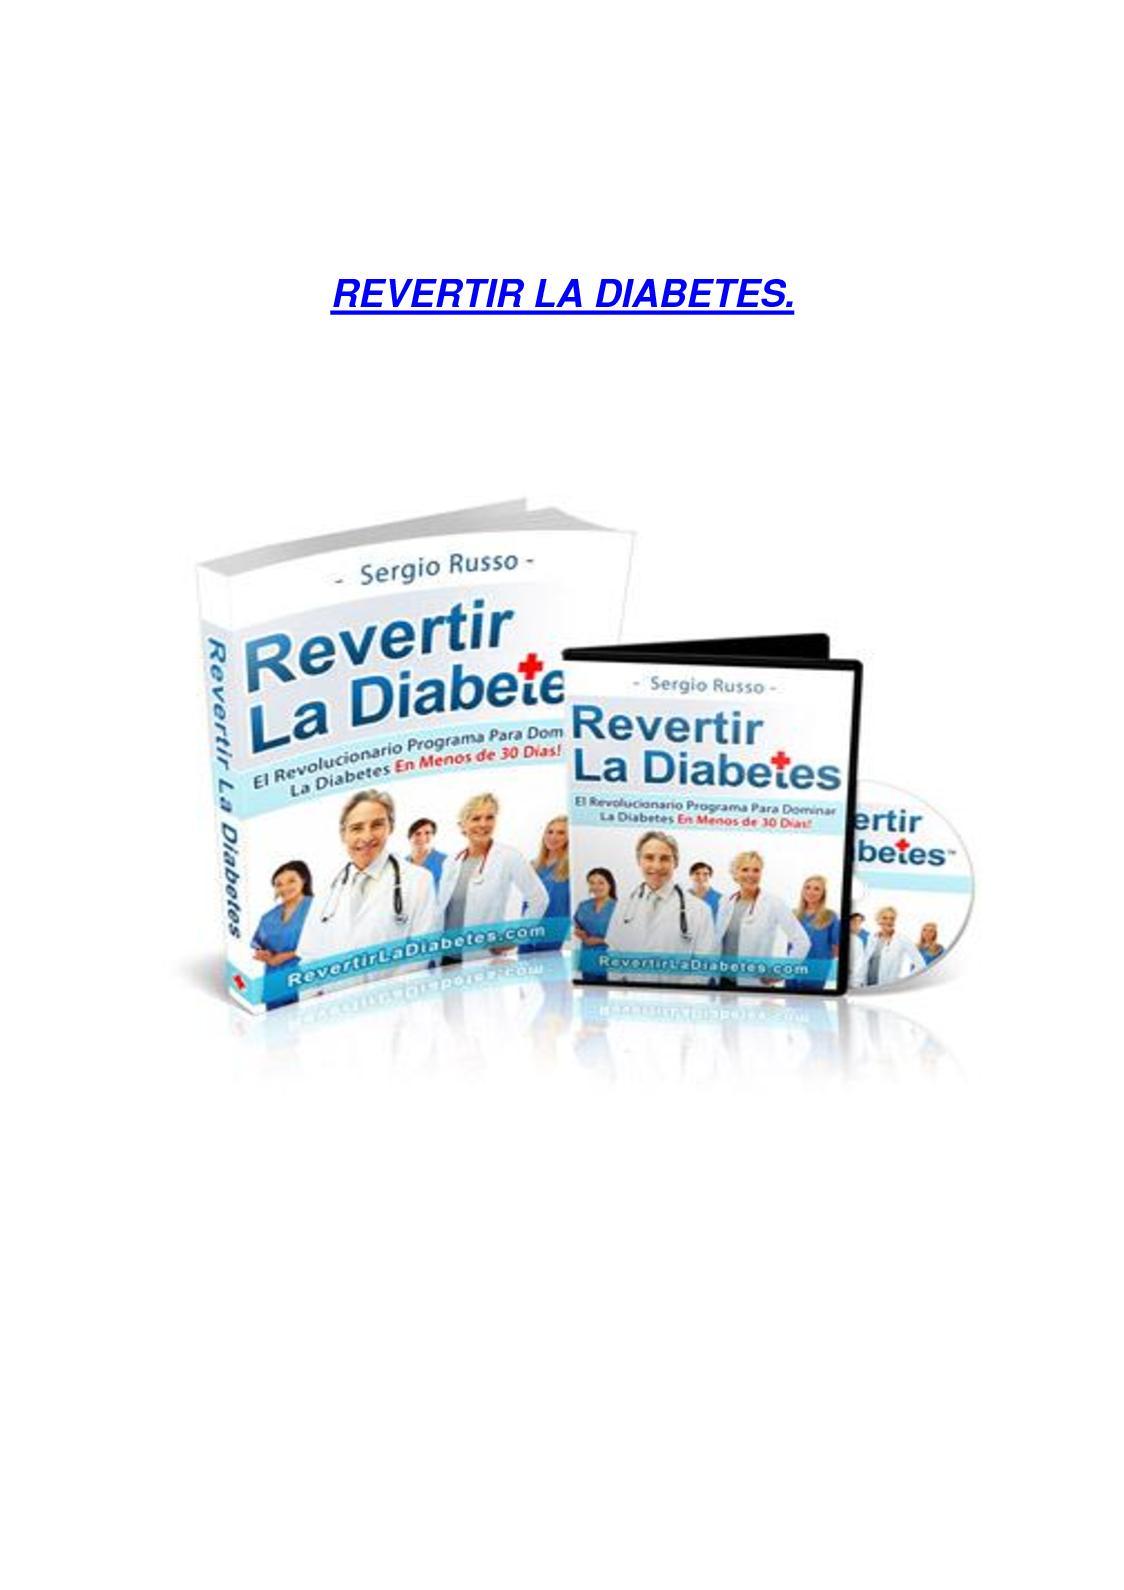 como revertir la diabetes en 30 dias y